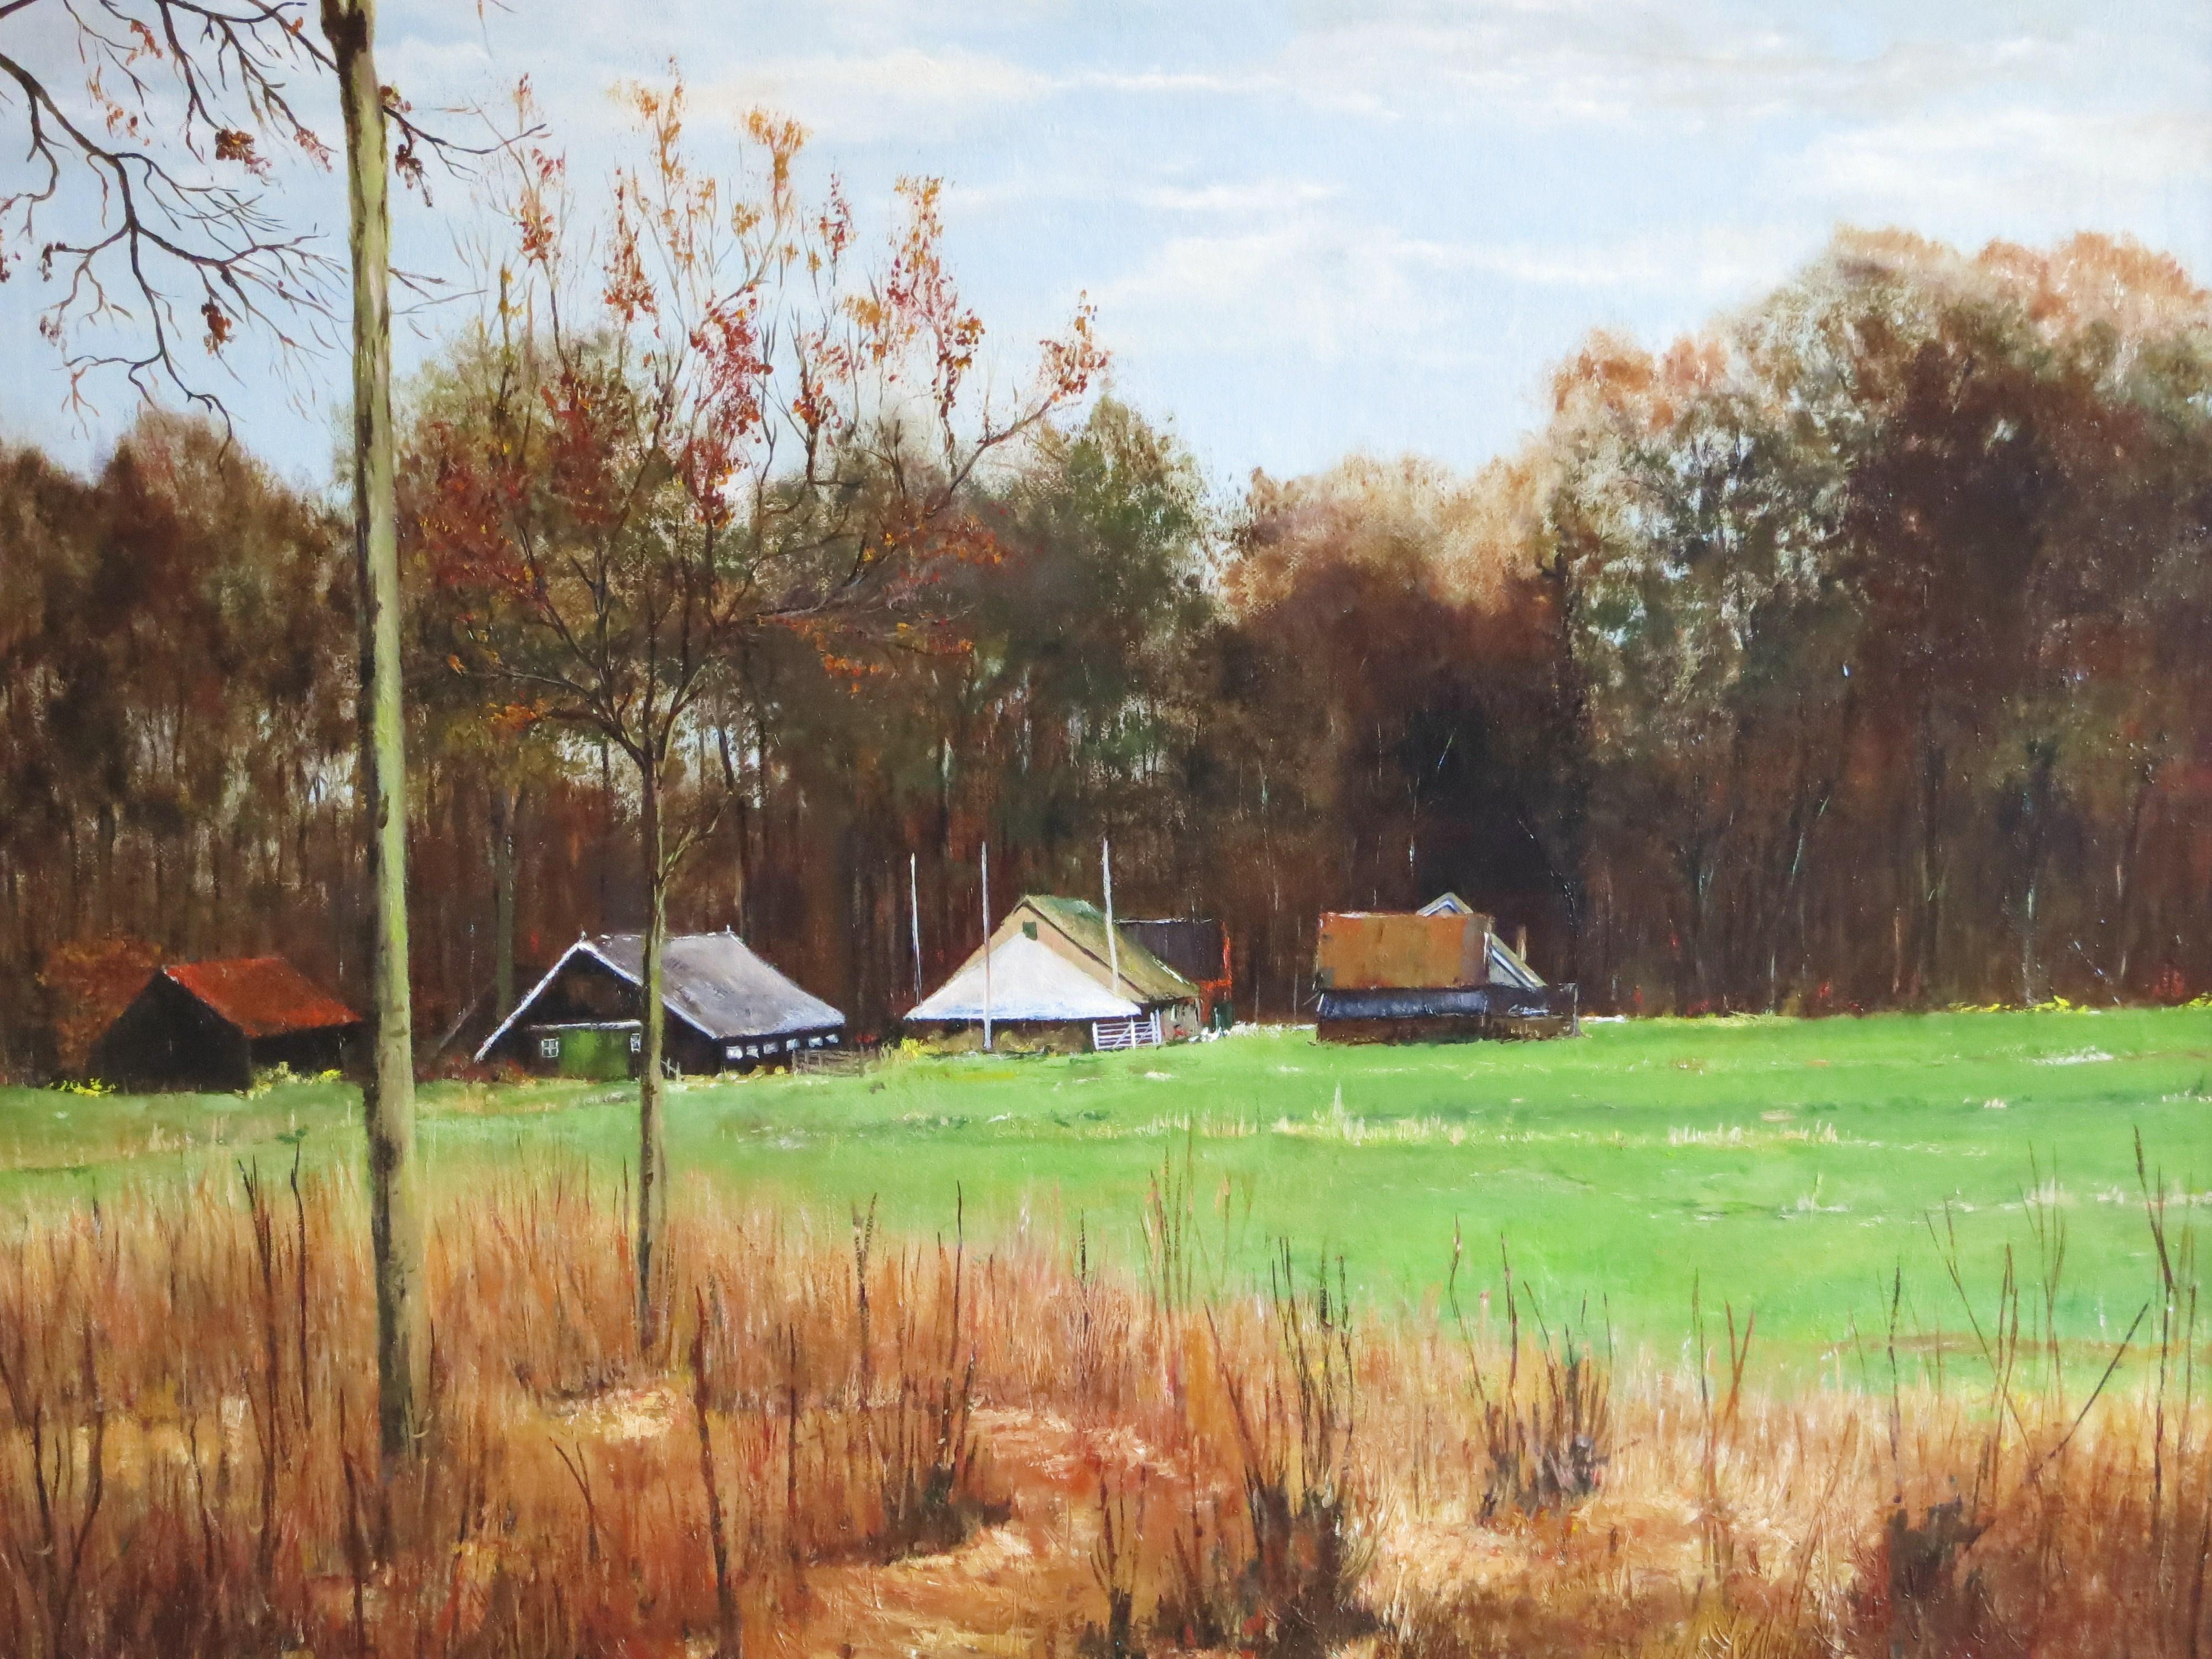 Boerderij in landgoed Linschoten